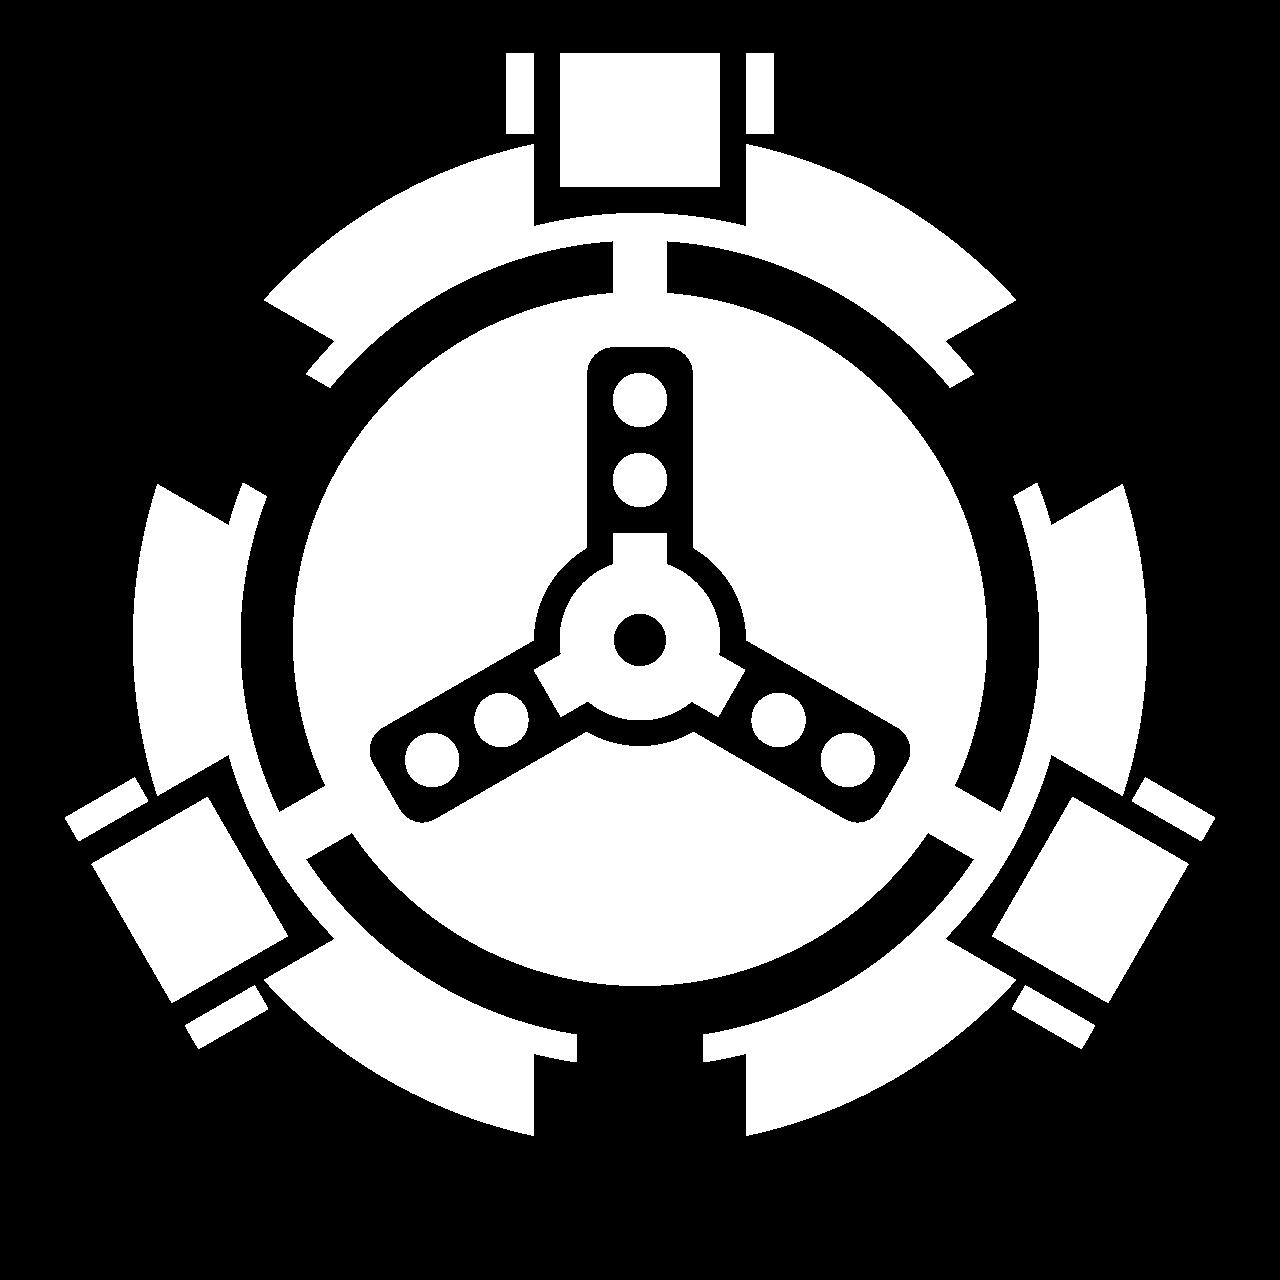 Электрическая пушка Иконка